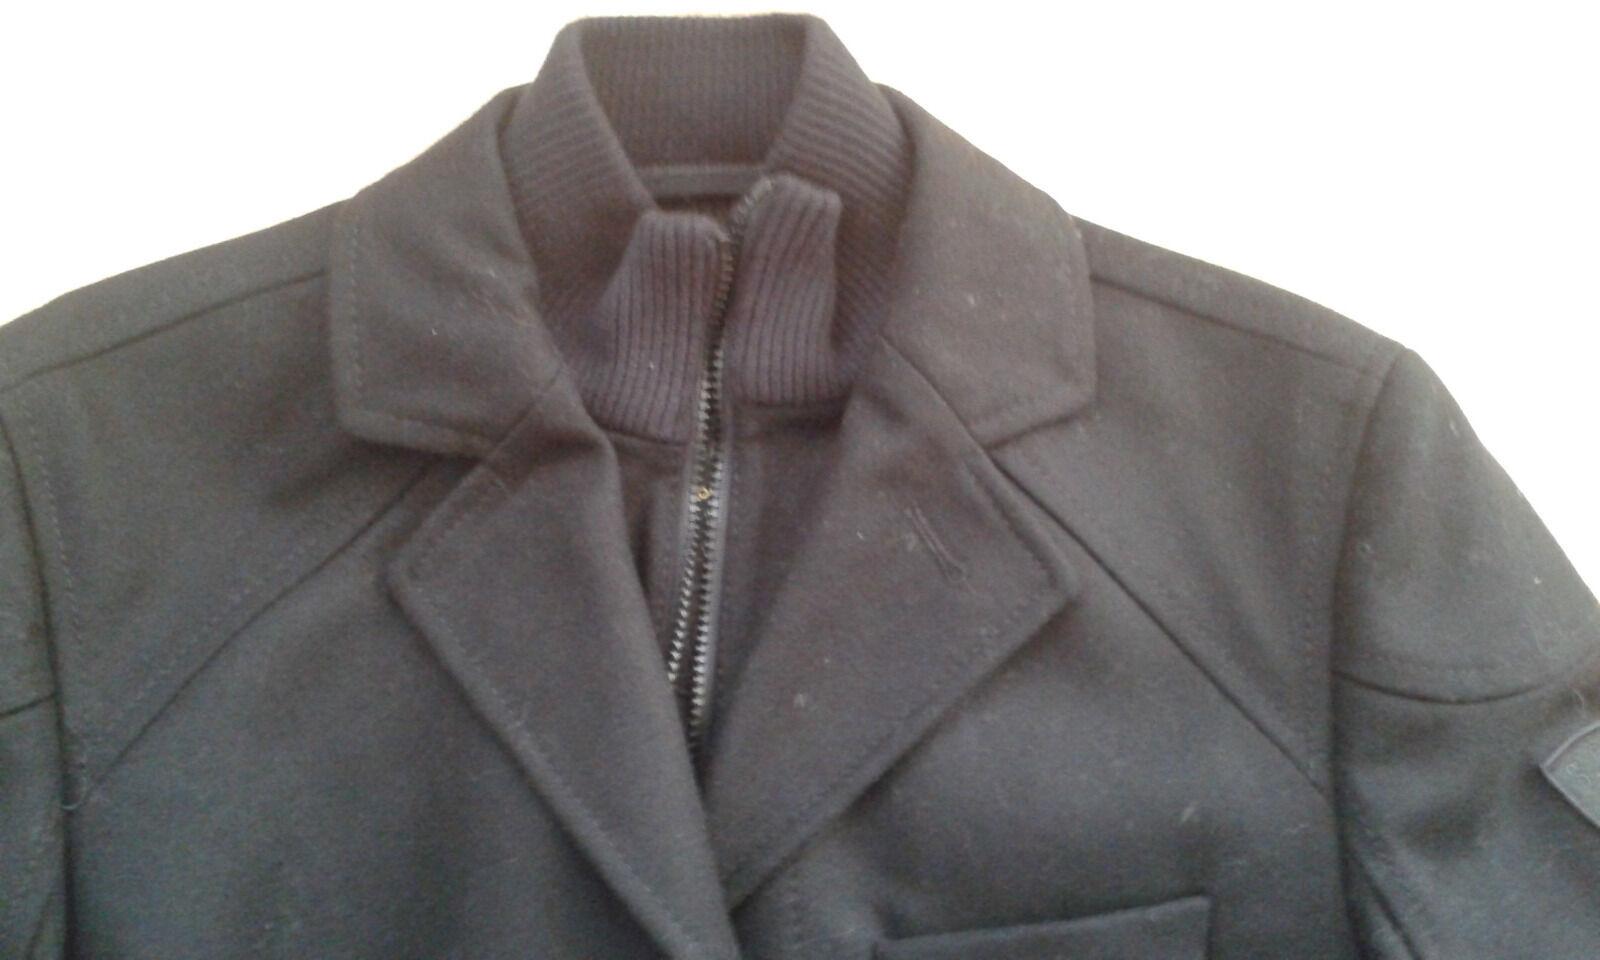 S.Oliver S.Oliver S.Oliver Mantel Wollmantel schwarz Gr. M casual clothing NEU UND UNGETRAGEN   Professionelles Design  c77f2c